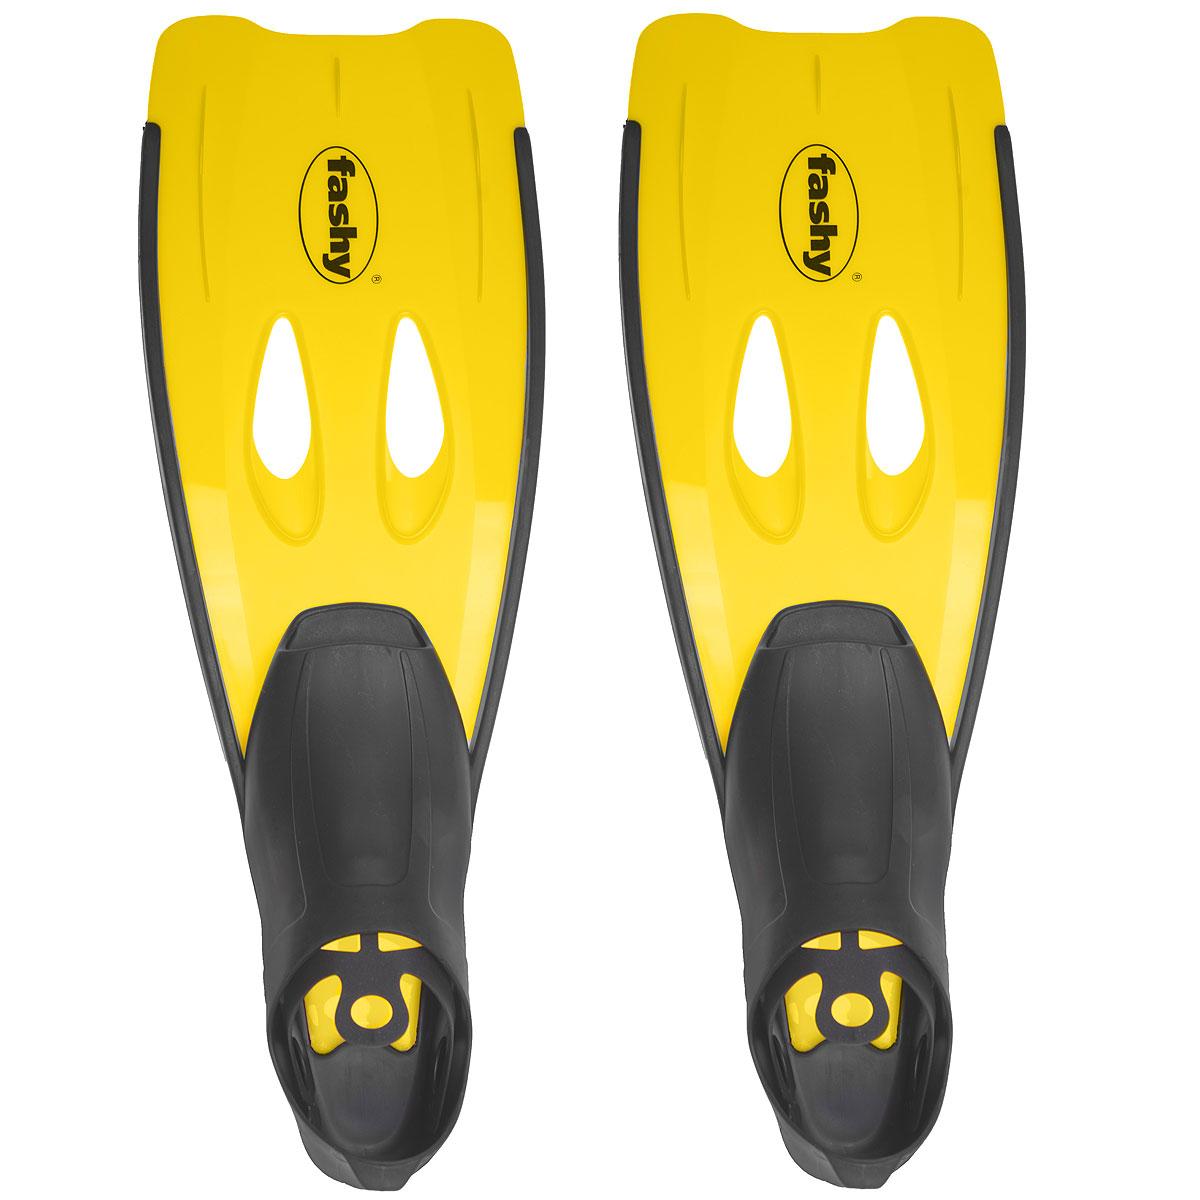 Ласты Fashy Swim Fins, цвет: желтый. Размер 46/478902-30Широкие ласты Fashy Swim Fins отлично подойдут для снорклинга в море и на отдыхе на водоемах. Закрытая калоша хорошо фиксирует пятку стопы, предотвращая потери ласты или выскальзывание ее с ноги в море. Ласты Fashy Swim Fins замечательно подходят для всей семьи. Они состоят из двух частей - основания из резины и рабочей поверхности из гибкого, легкого пластика. В ластах при малой затрате энергии придается высокая скорость за счет широкой поверхности, а сквозные отверстия придают бесшумность. Длина ласты: 62 см. Ширина ласты: 22 см.